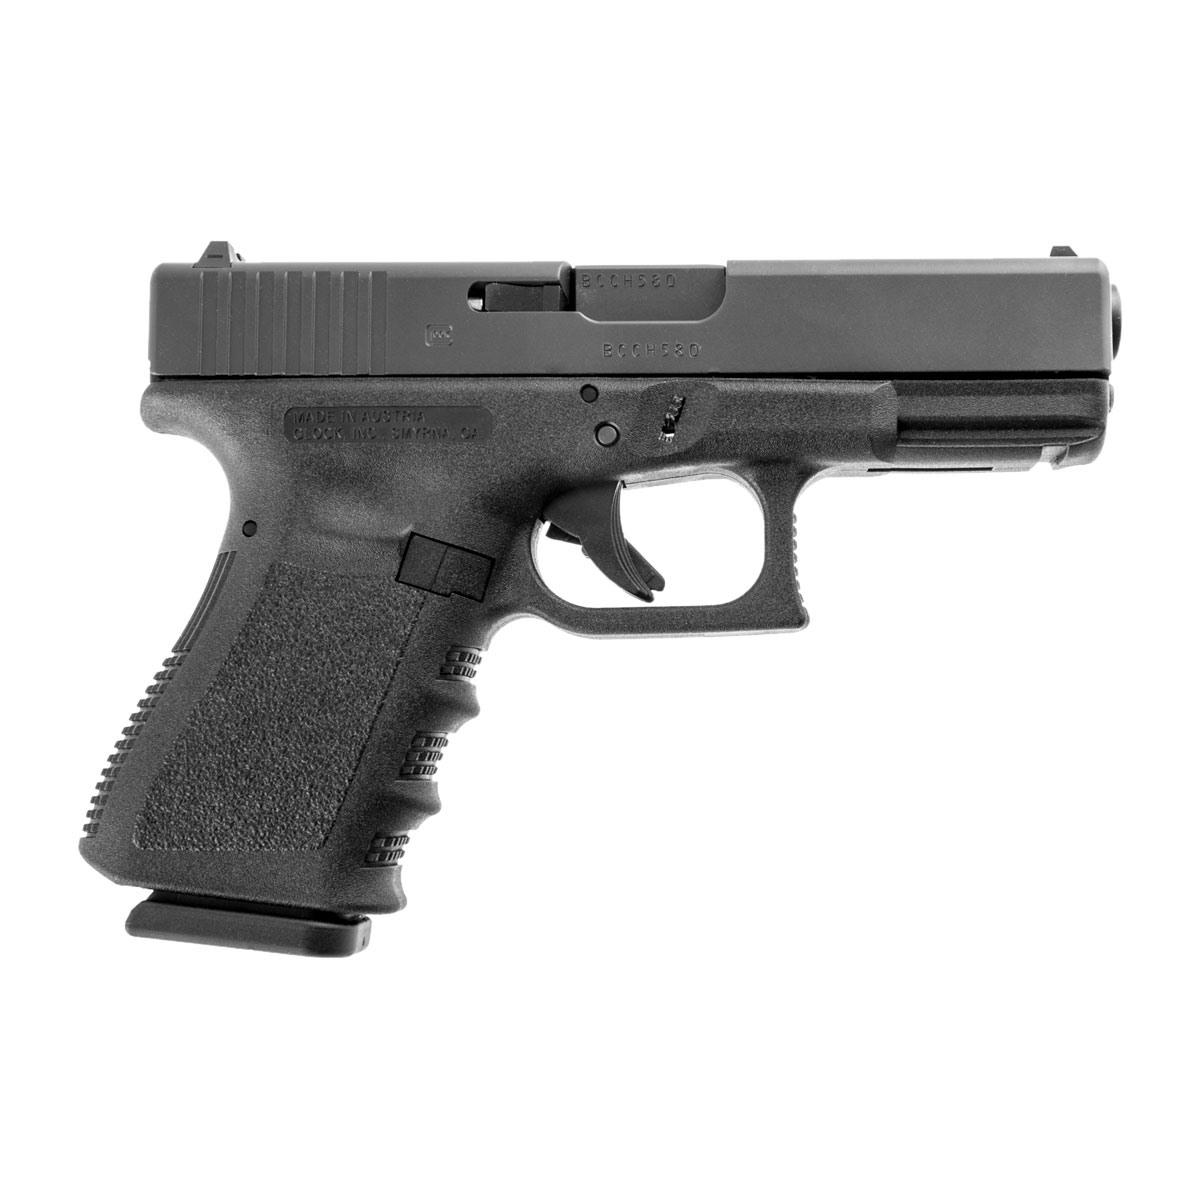 Glock 19 G3 9mm Handgun w/2 15-Round magazine Plus $75 Gift Card only $509 with code